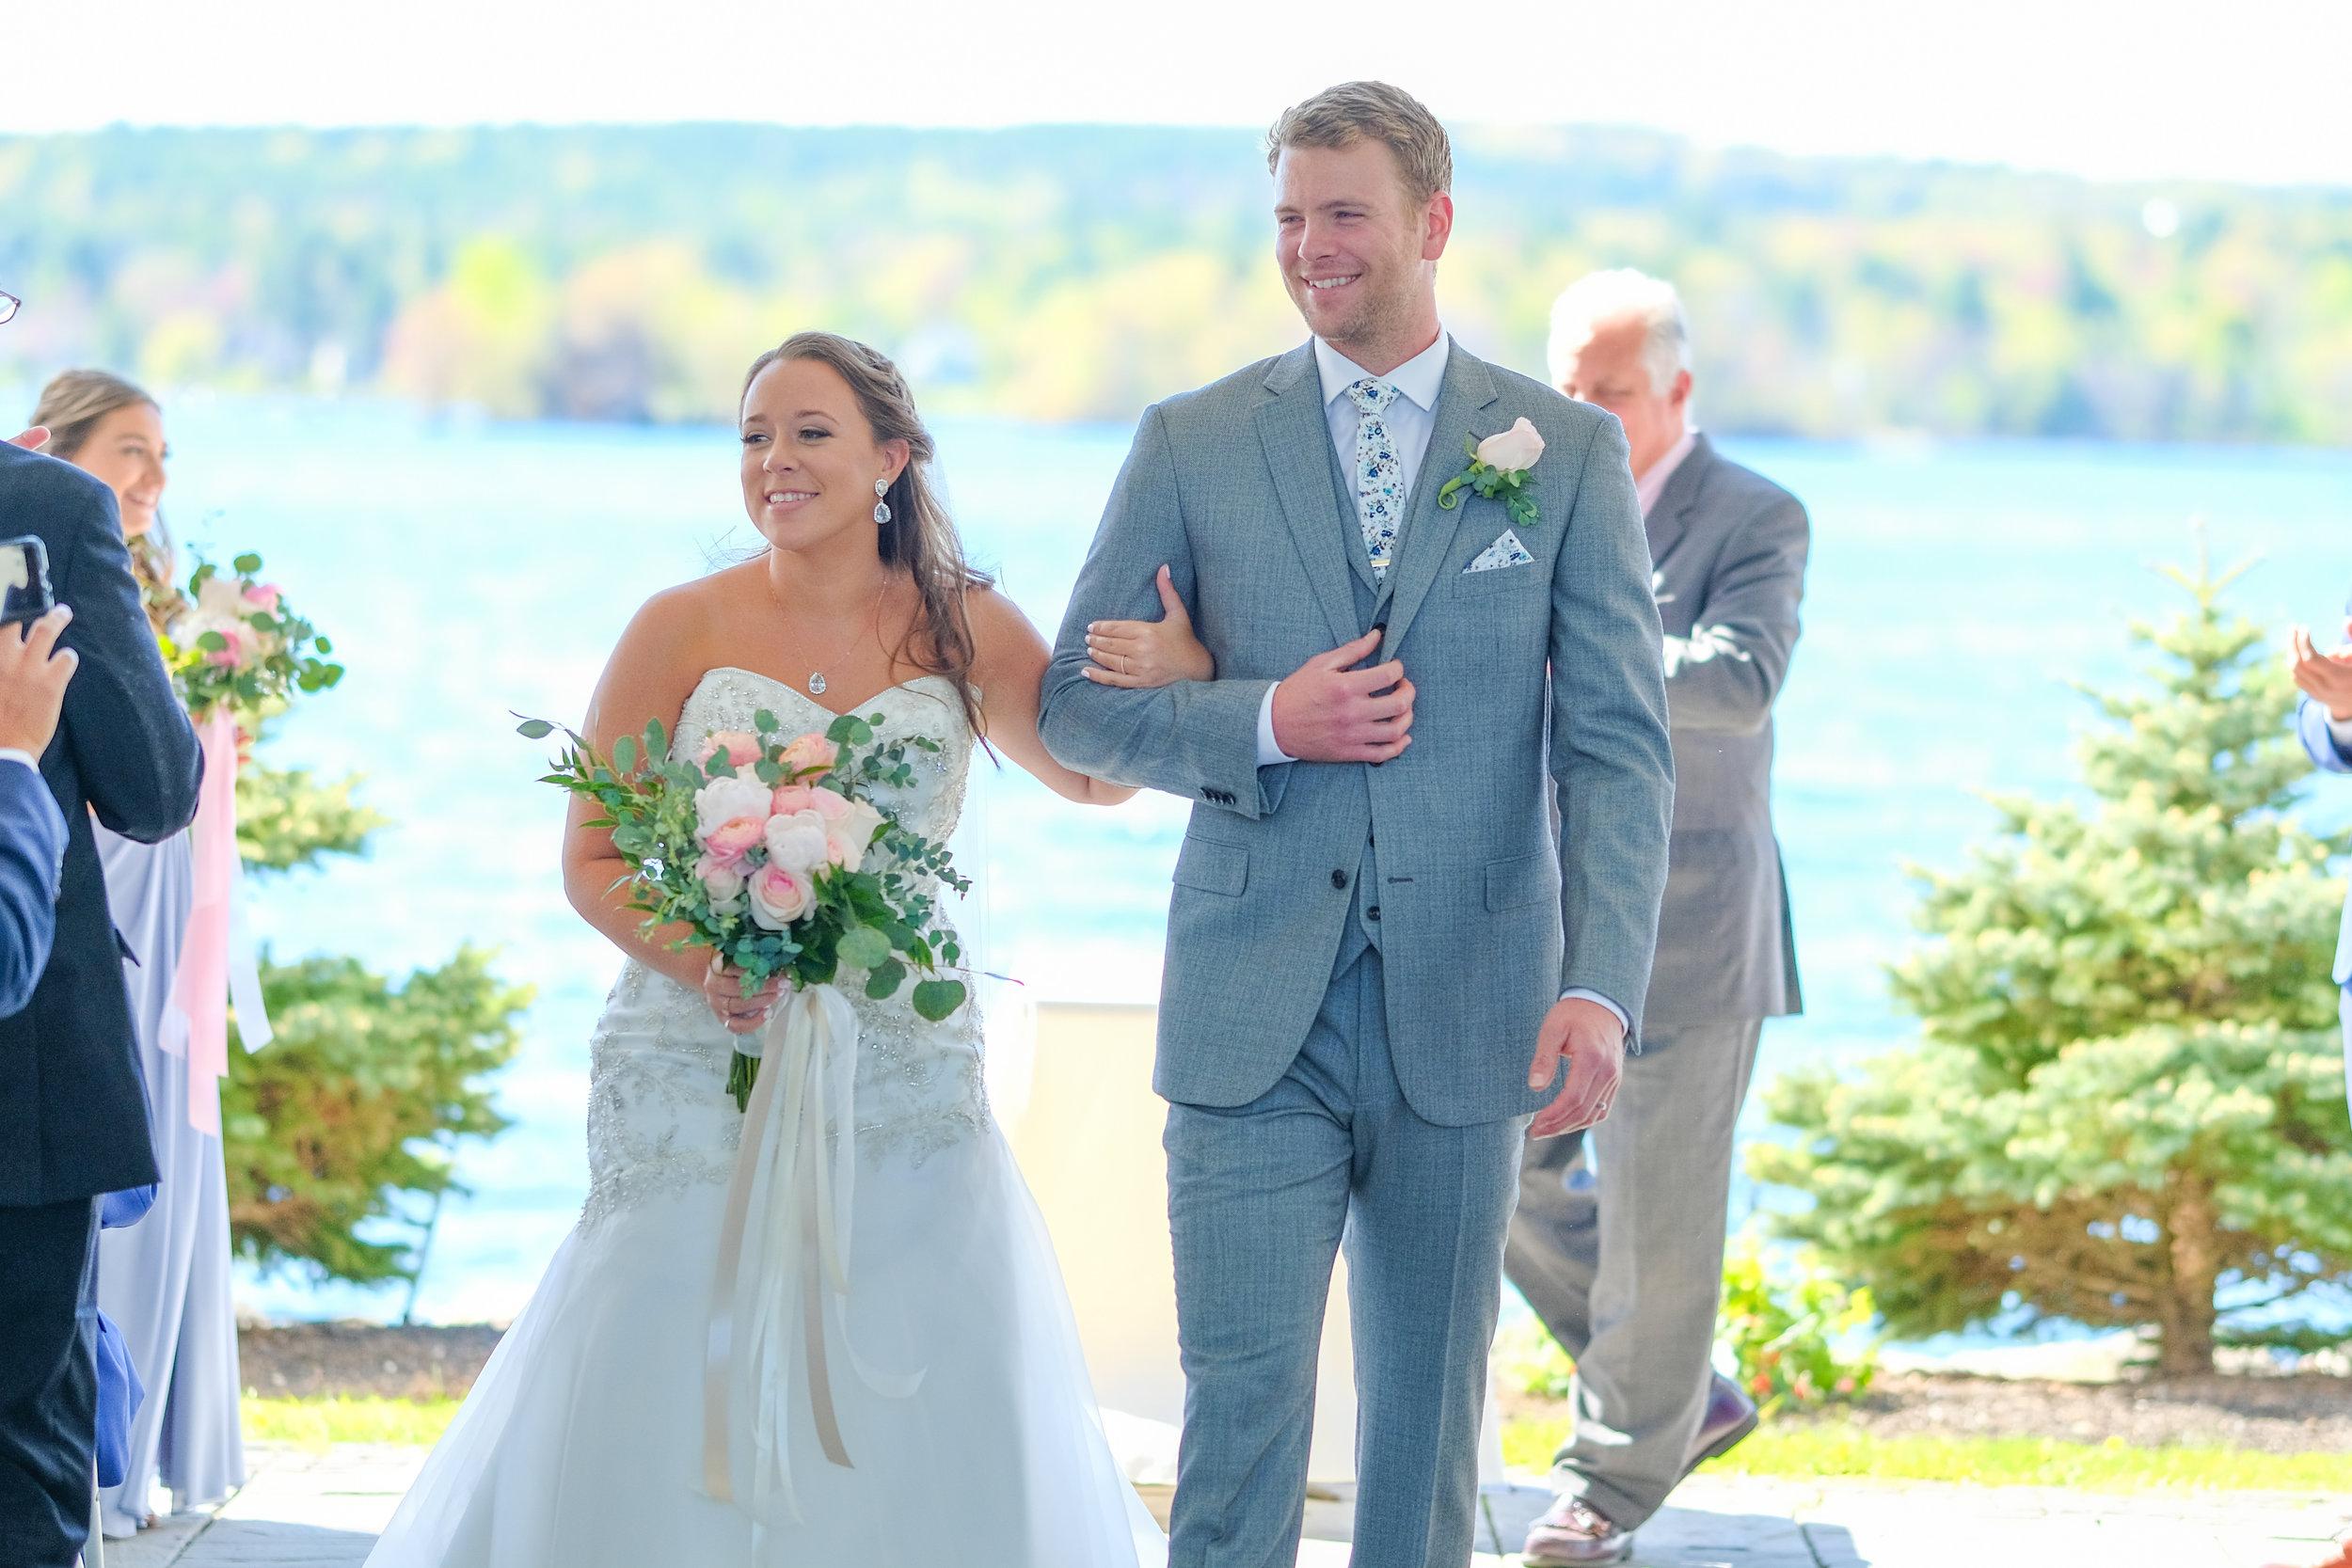 laconia-margate-wedding-photography-345.jpg